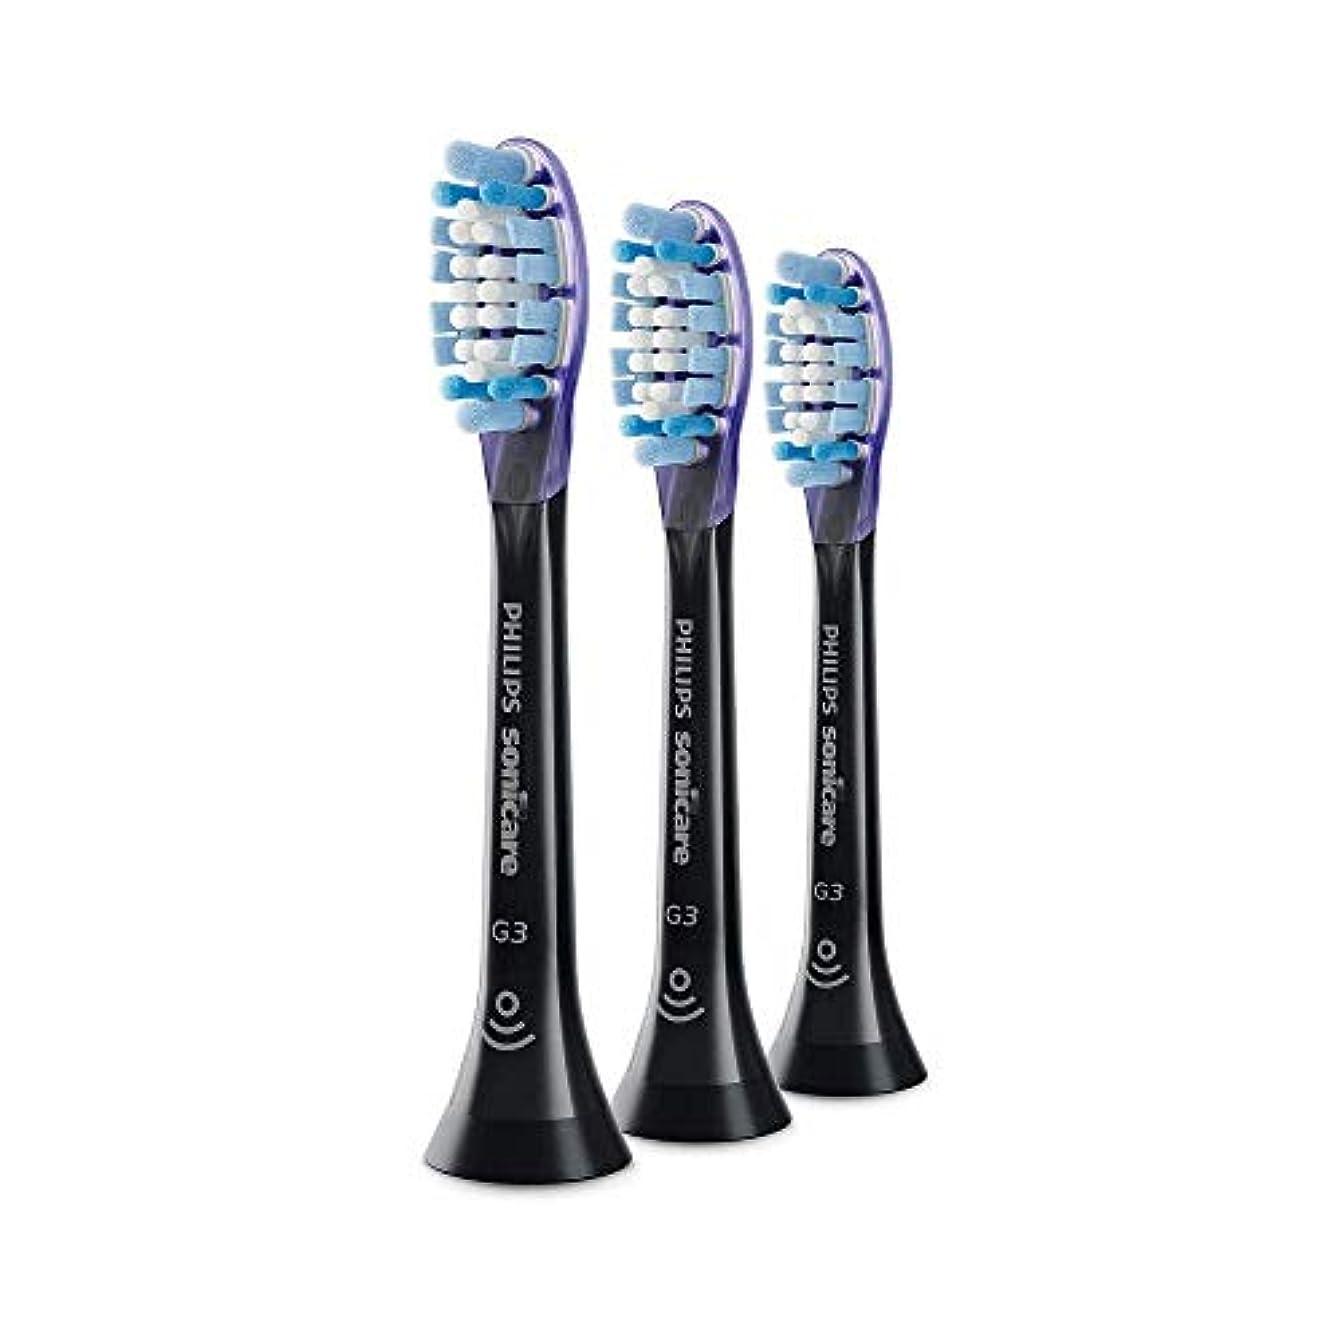 不適切な香り単独でPhilips HX9053 Sonicare G3 Premium GumCare 標準のソニック歯ブラシヘッド Black [並行輸入品]